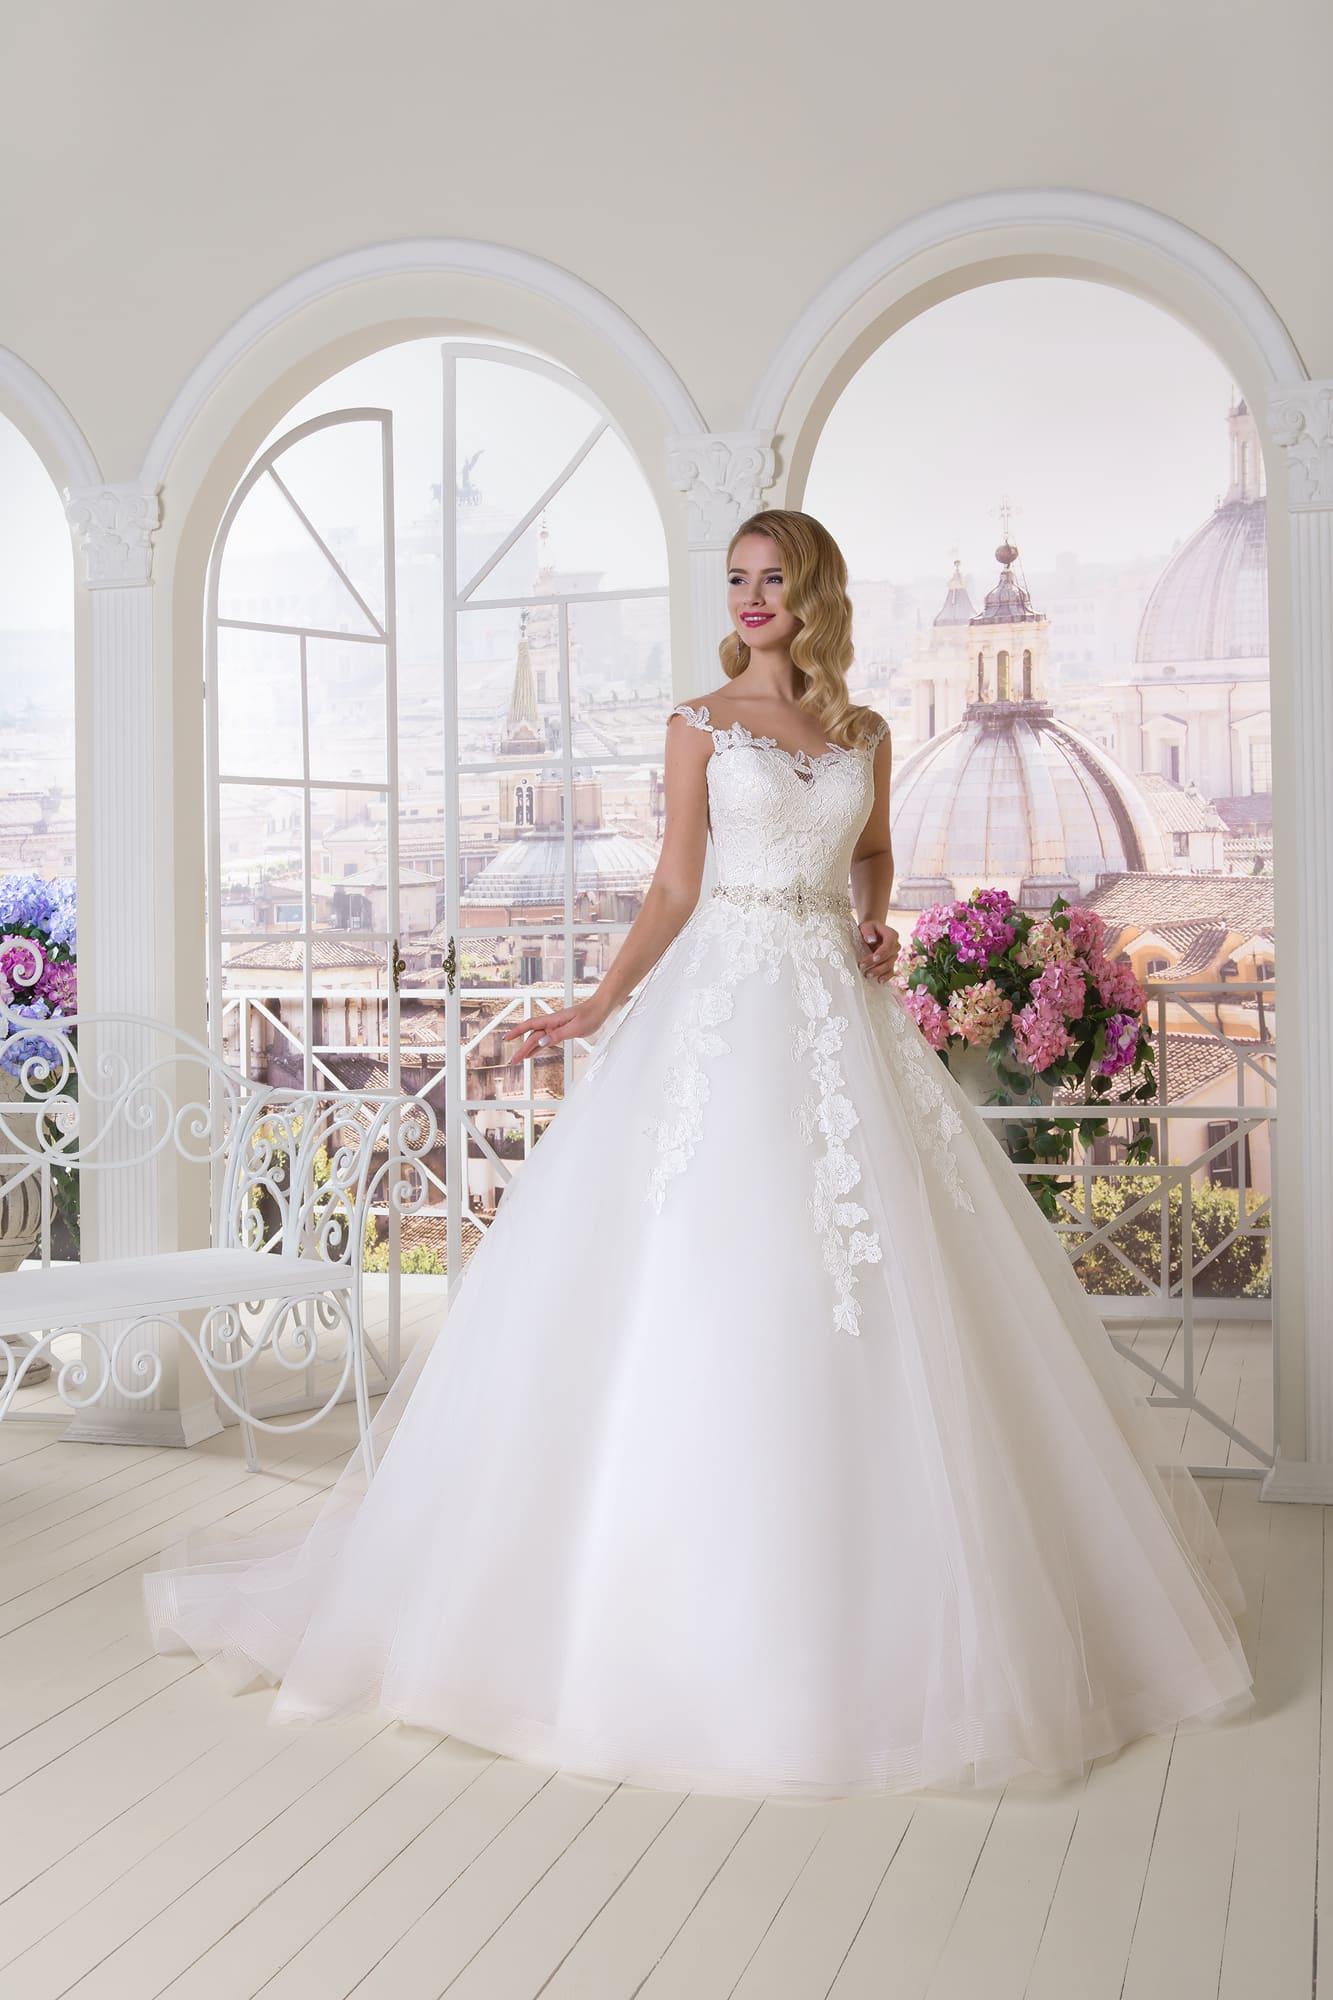 Нежное свадебное платье А-силуэта с открытым лифом и крупными аппликациями по корсету.